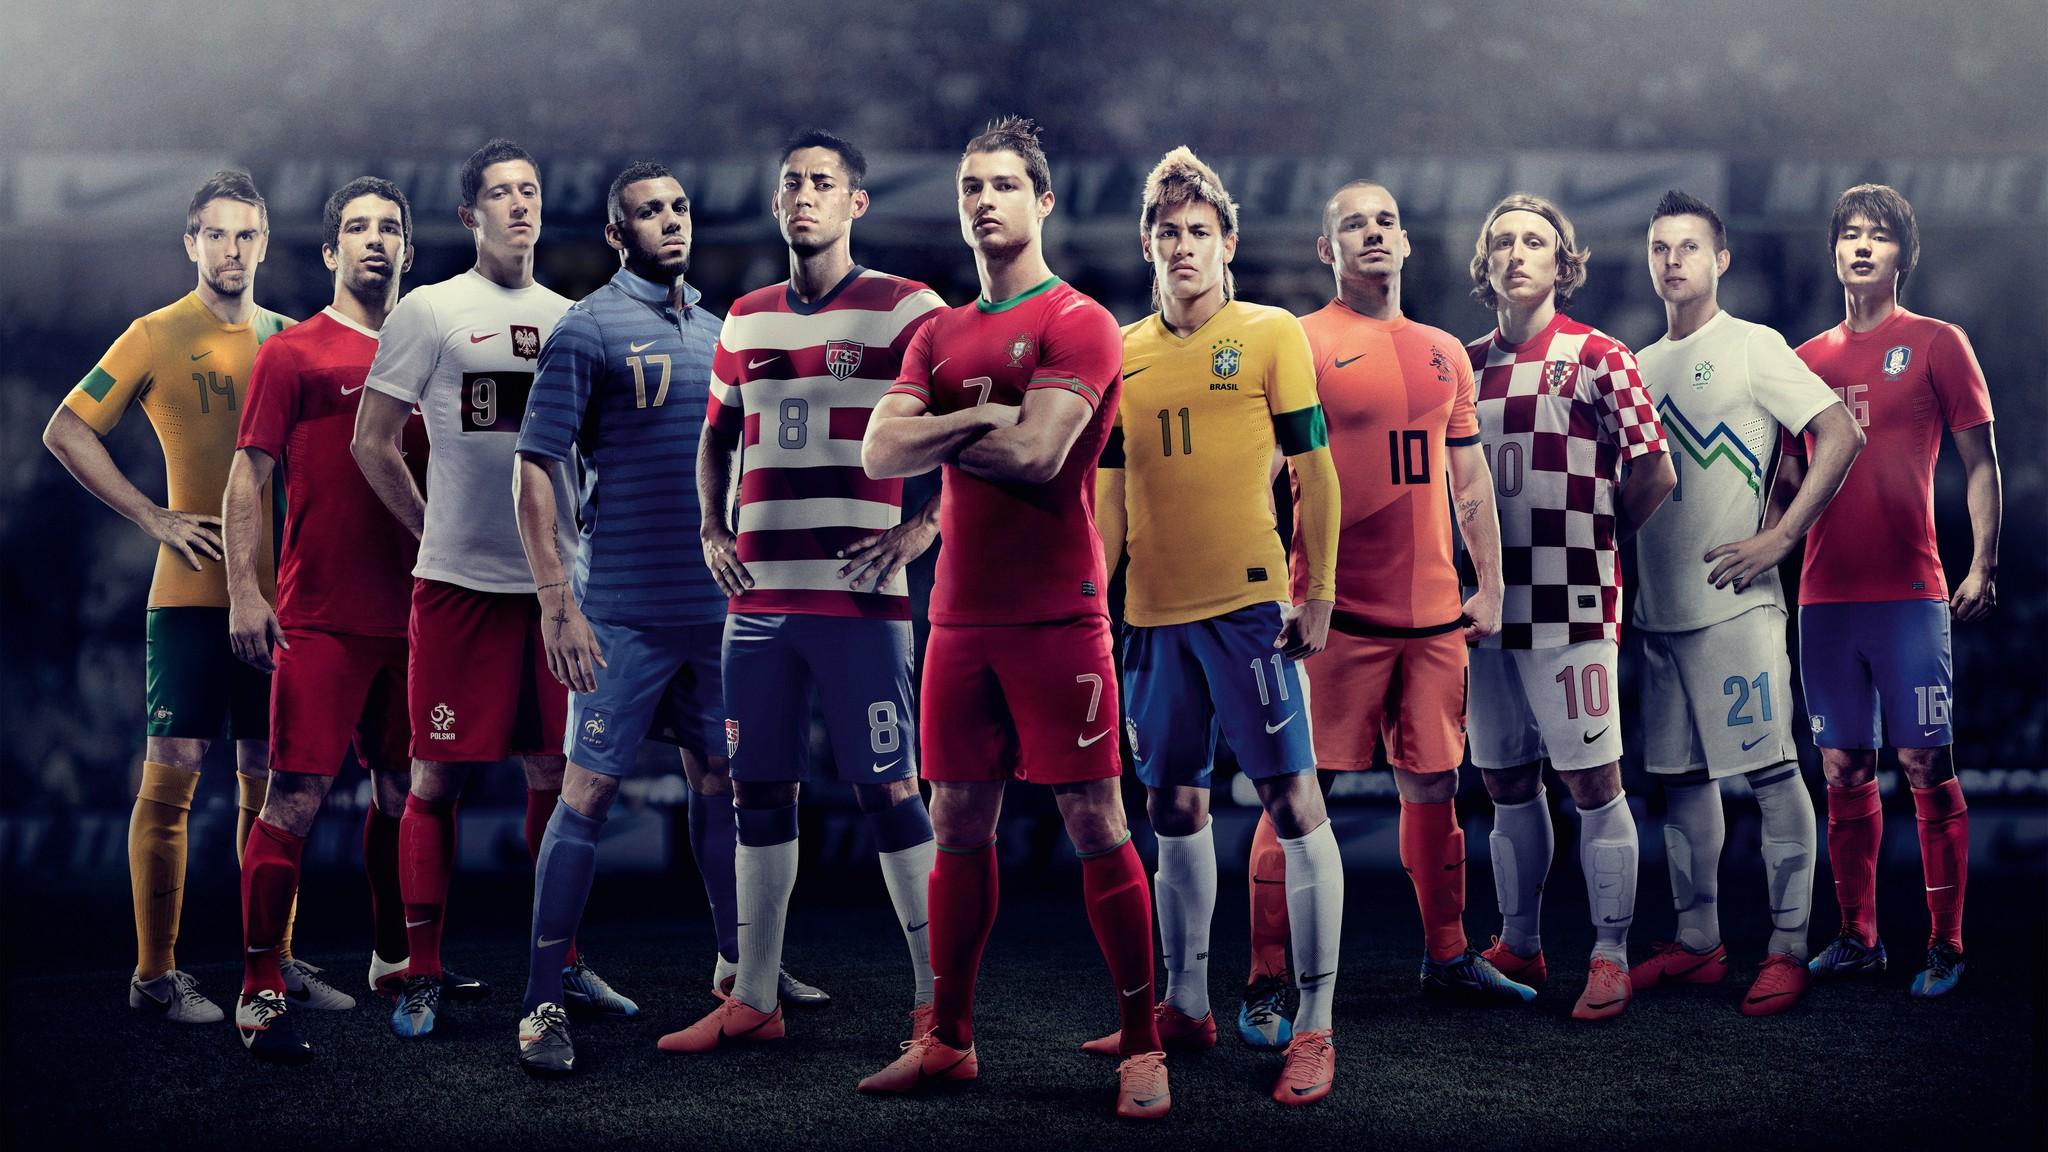 Разнообразие футбольных форм одной команды